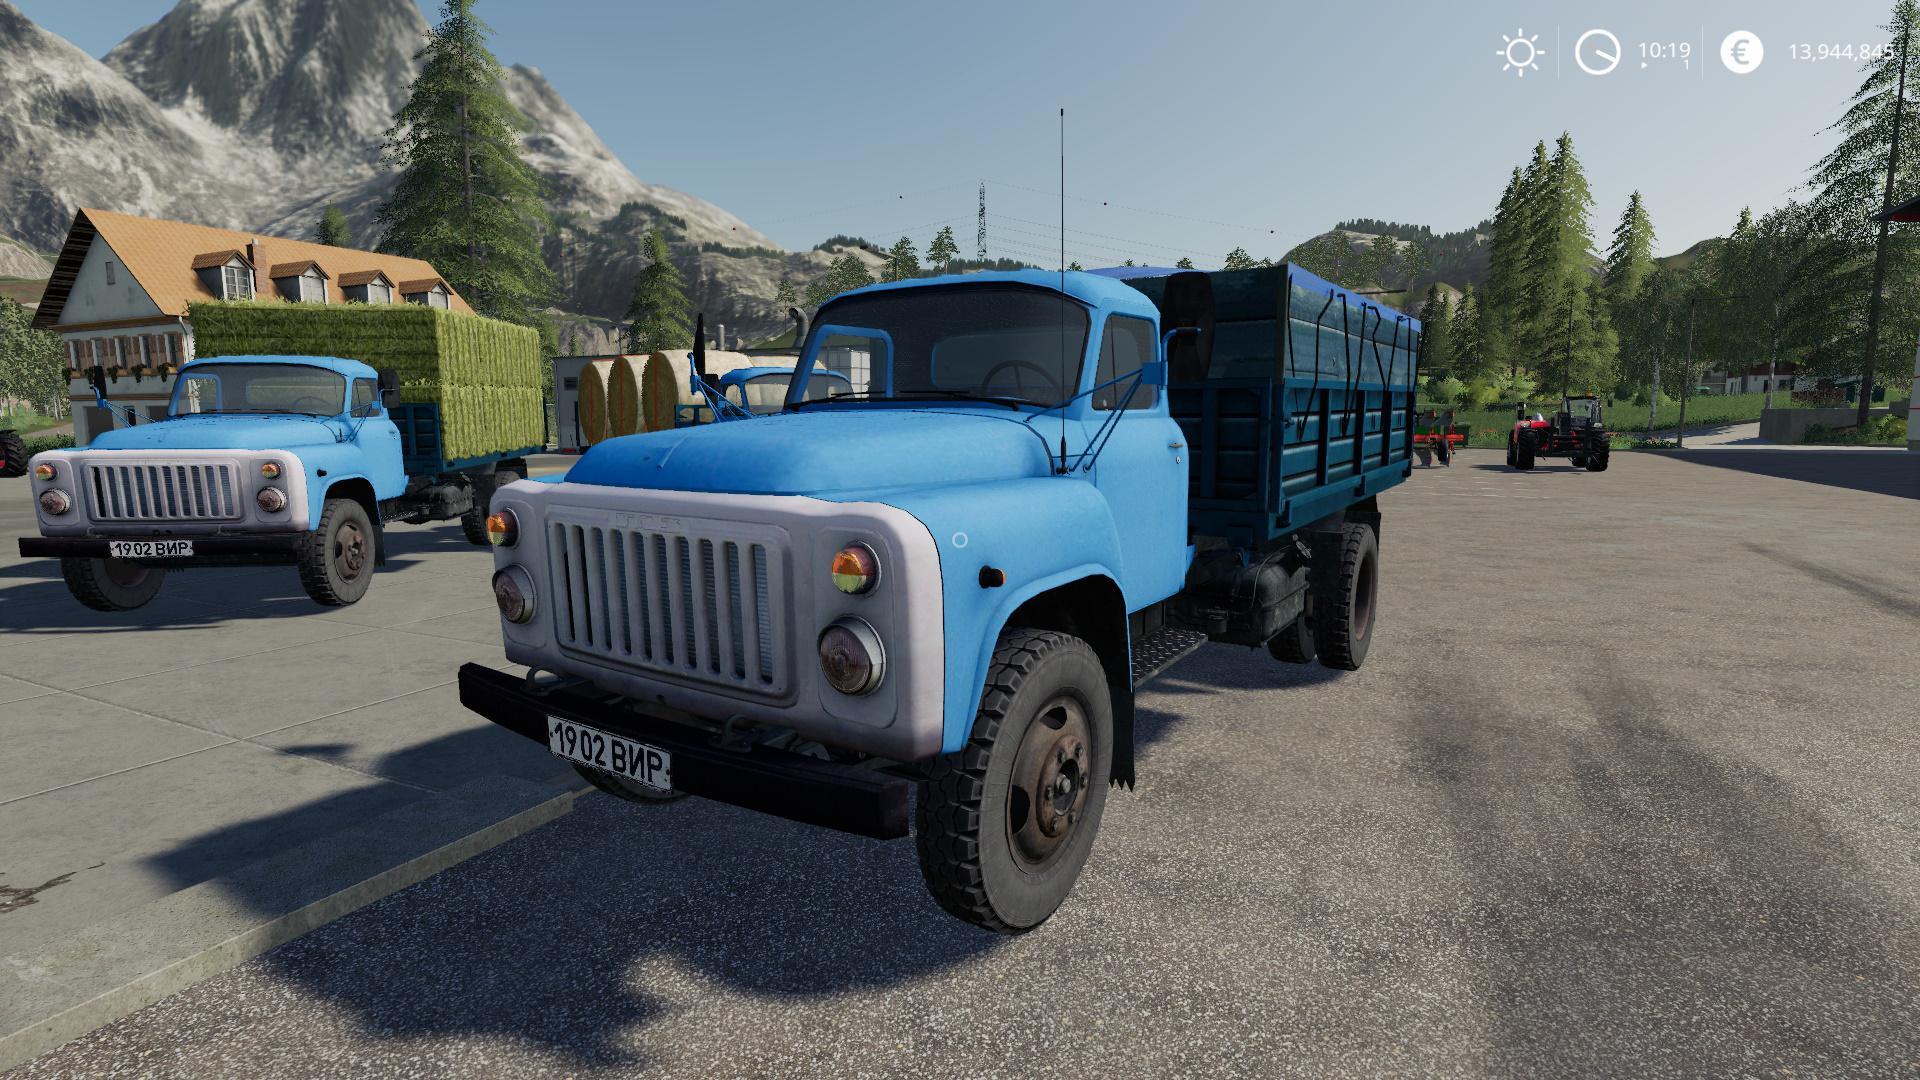 FS19 - GaZ 53 Truck V1.0